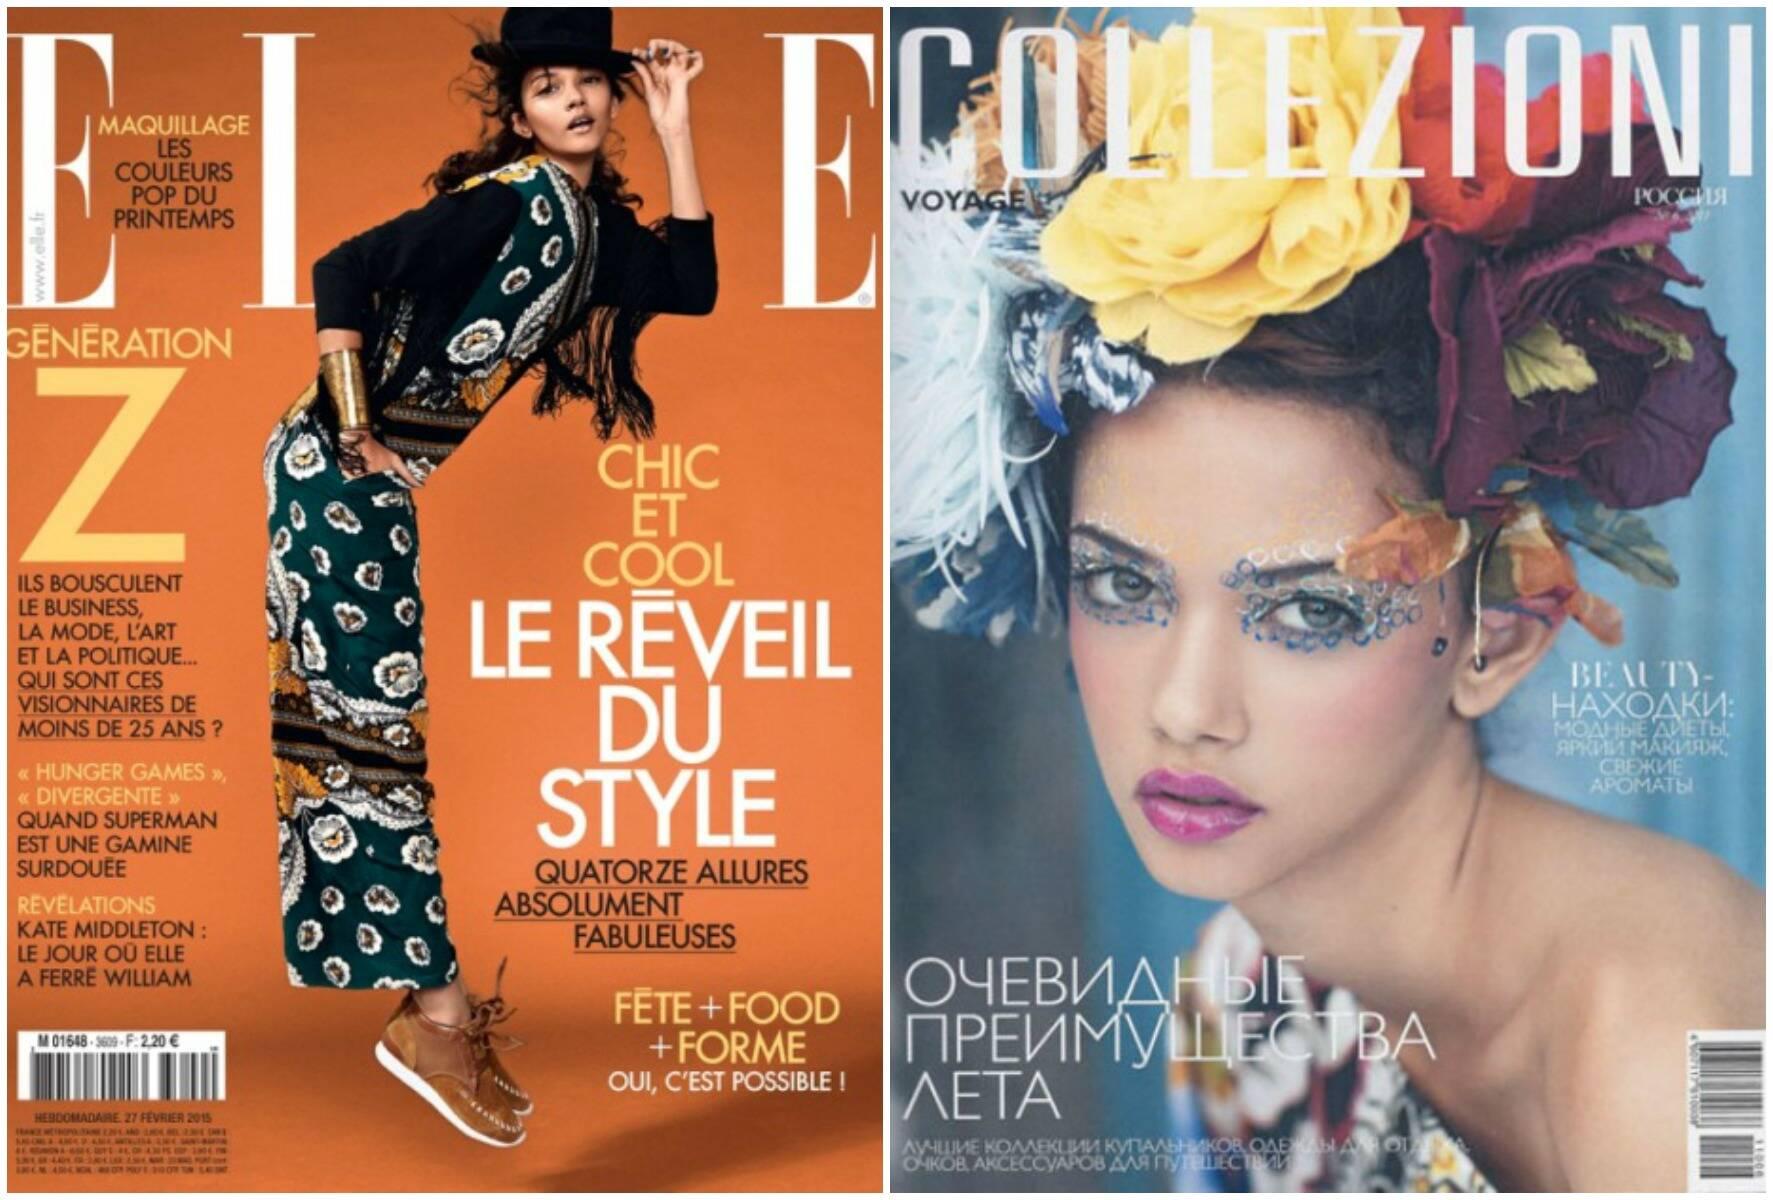 Quase irmãs: Marina Nery, à esquerda, e Rihanna, no alto: acima, duas das várias capas internacionais de revistas de moda em que Marina já apareceu / Fotos: reprodução da internet